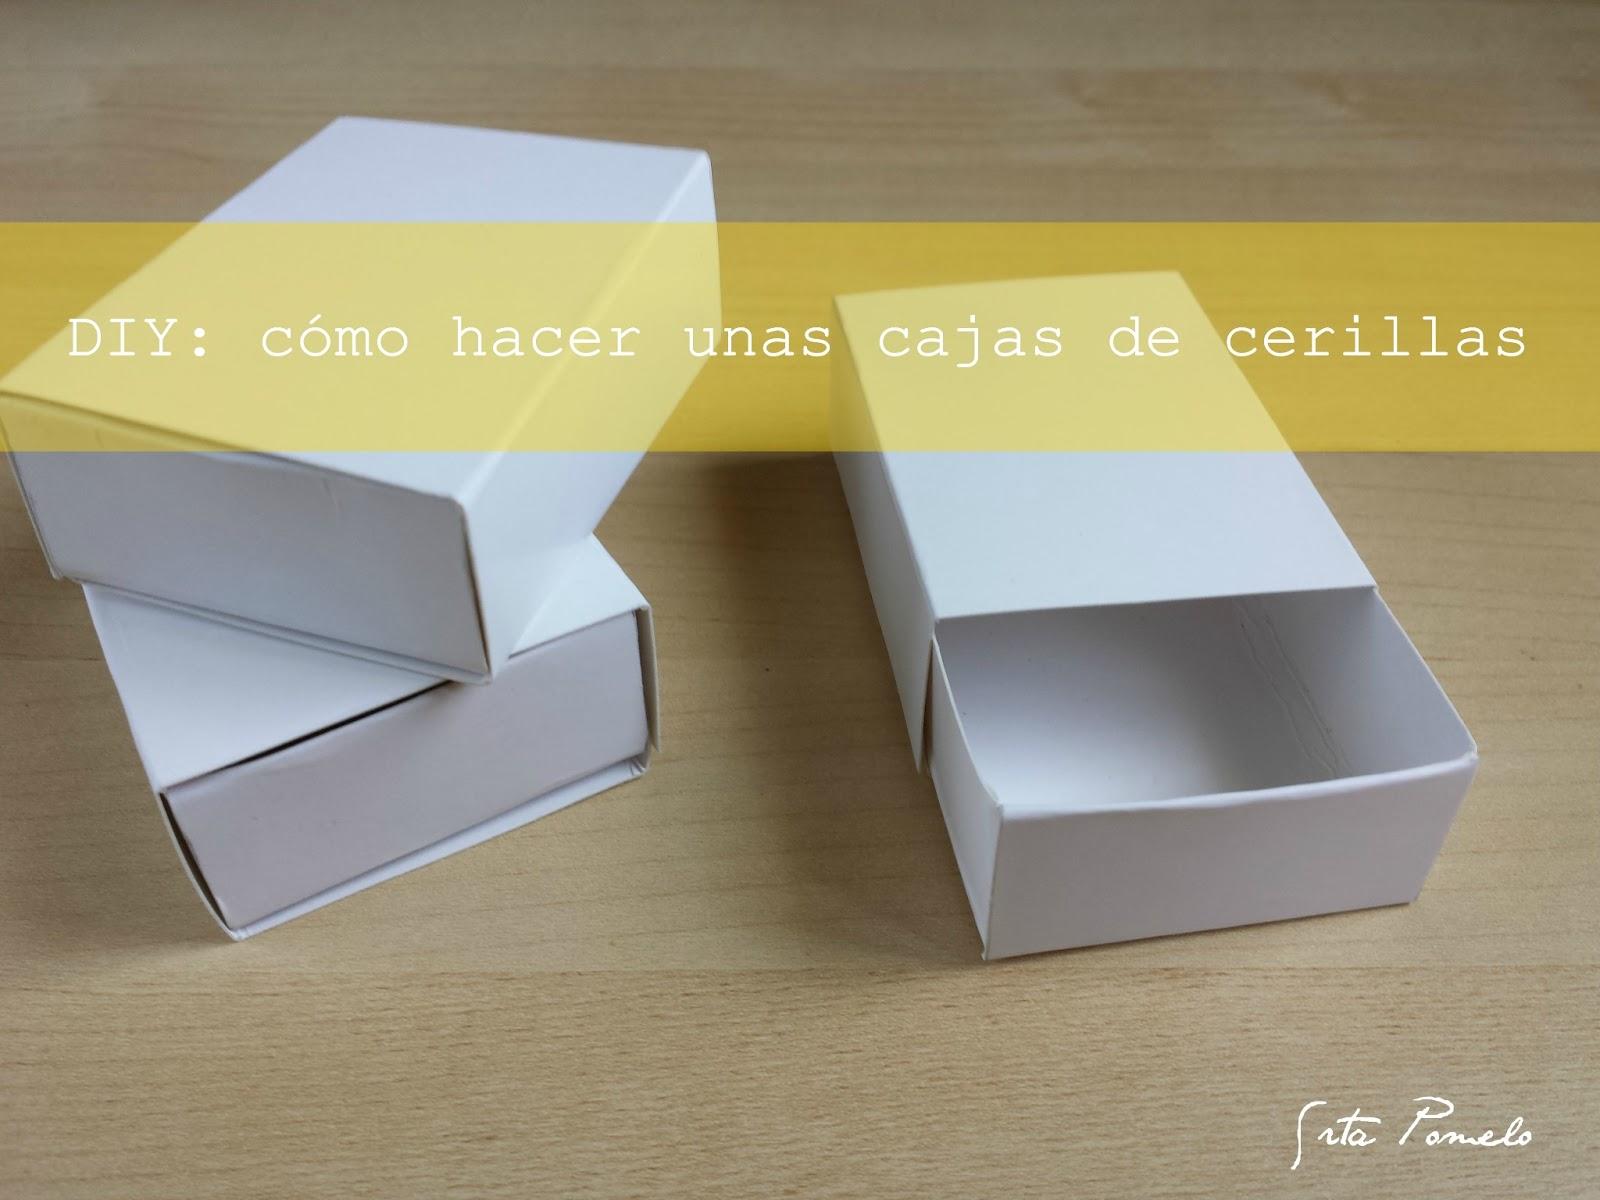 Srta pomelo diy c mo hacer unas cajas de cerillas - Como hacer cajitas de cartulina ...